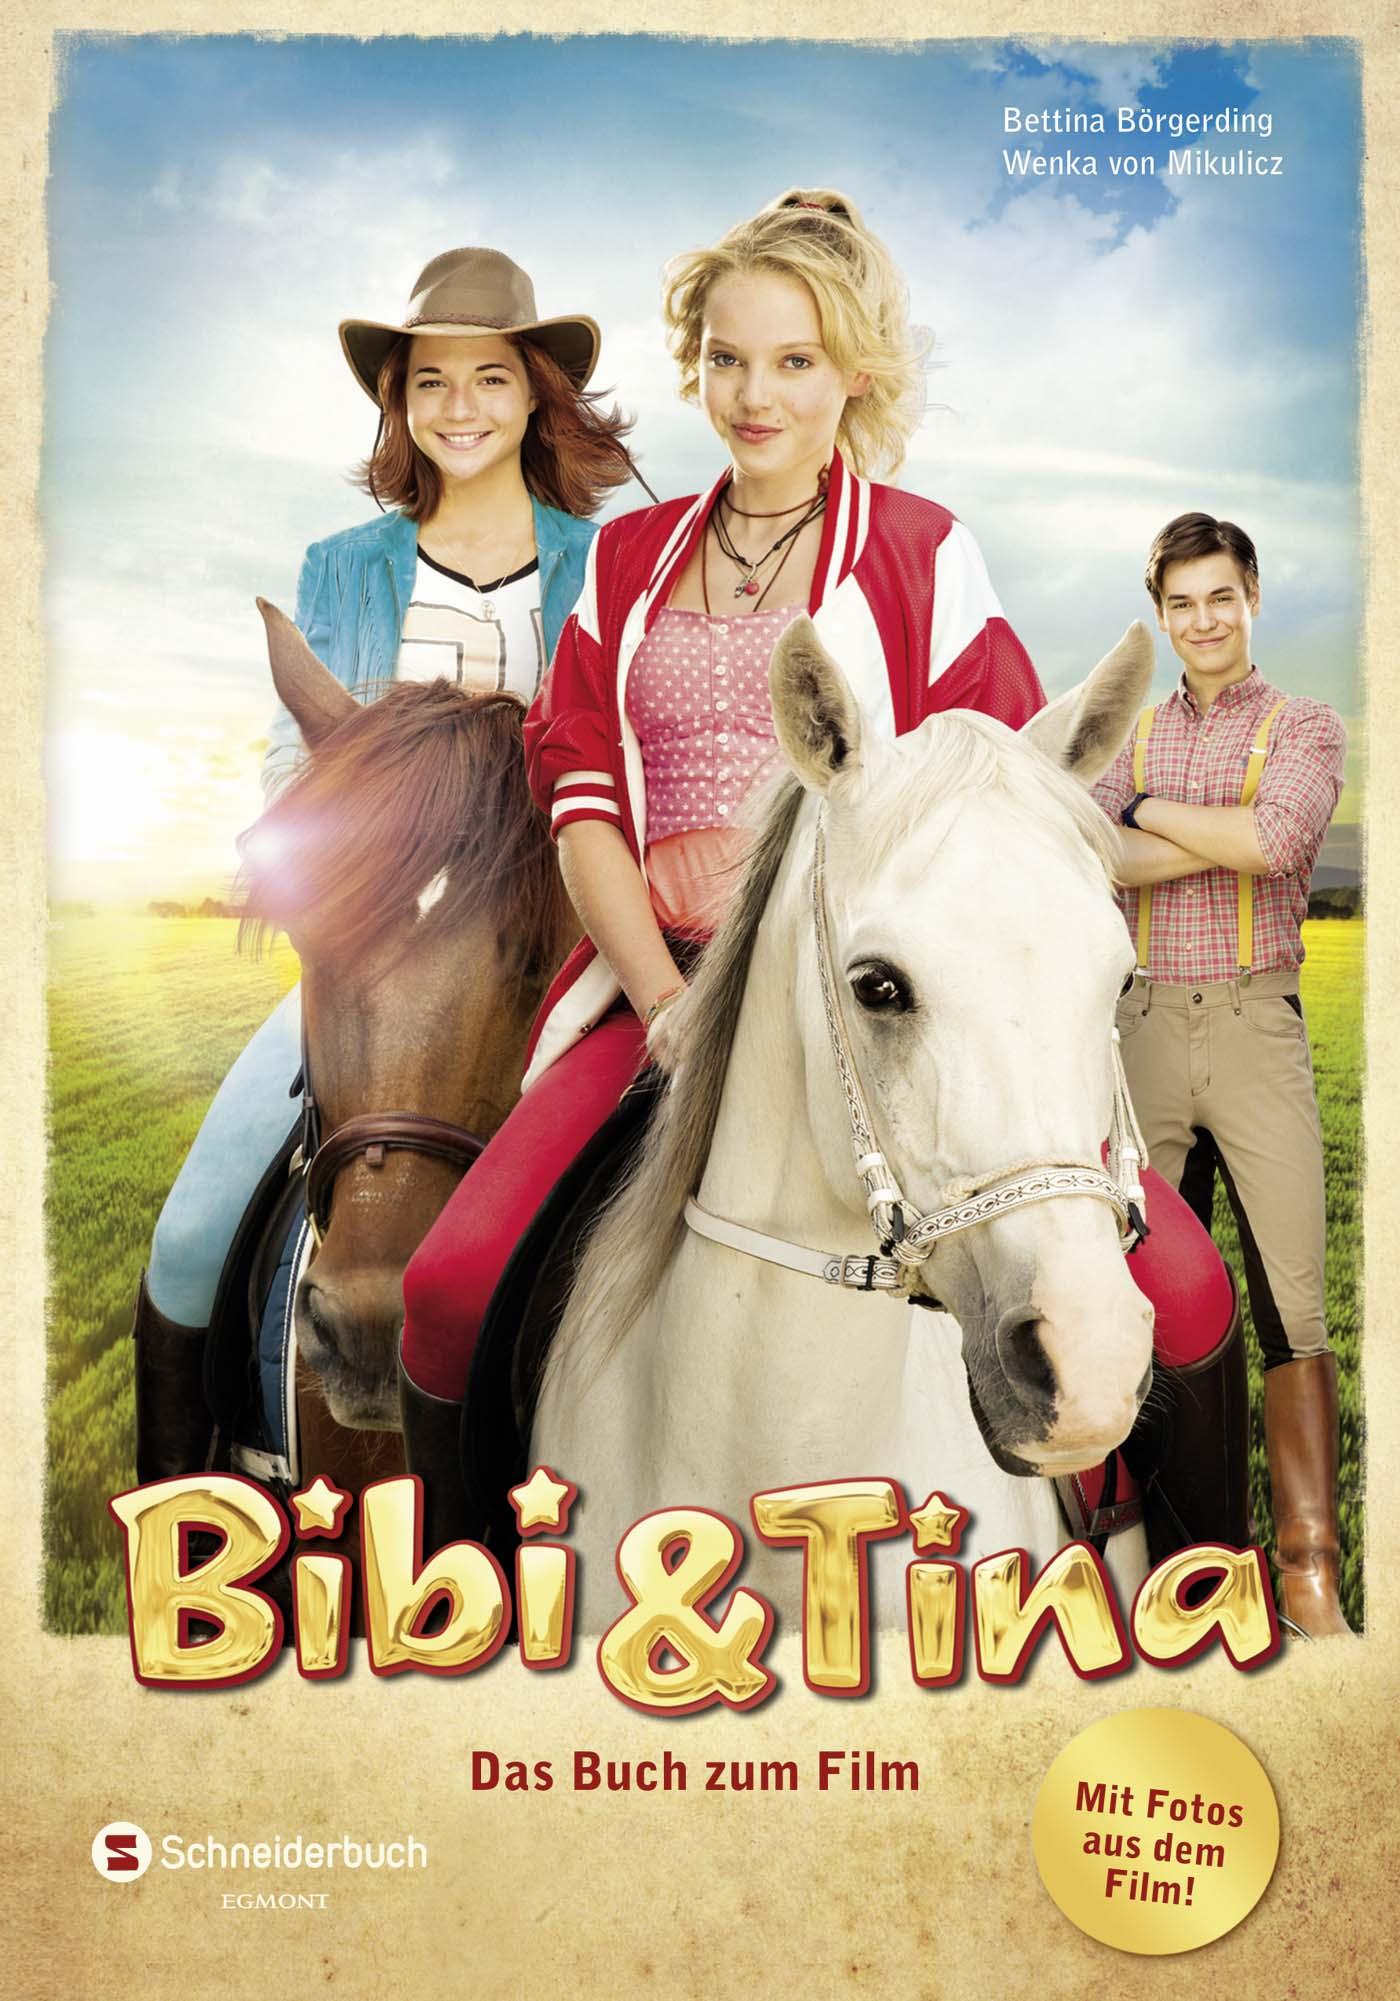 Bibi & Tina: Das Buch zum Film - Bettina Börgerding